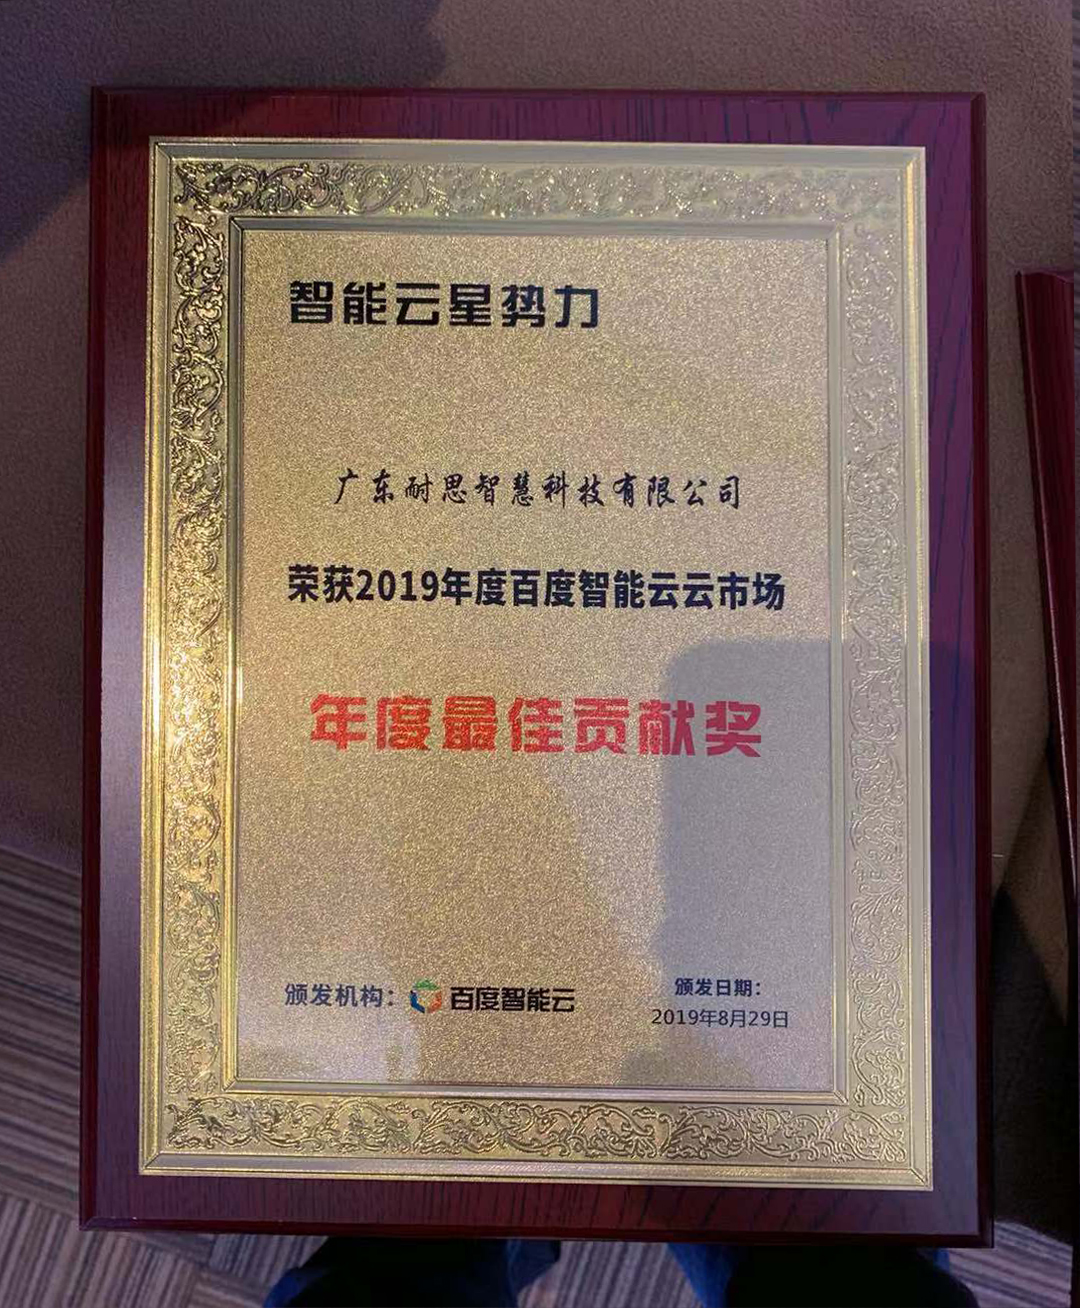 恭喜广东耐思智慧科技有限公司,荣获《2019年度百度智能云云市场-年度最佳贡献奖》